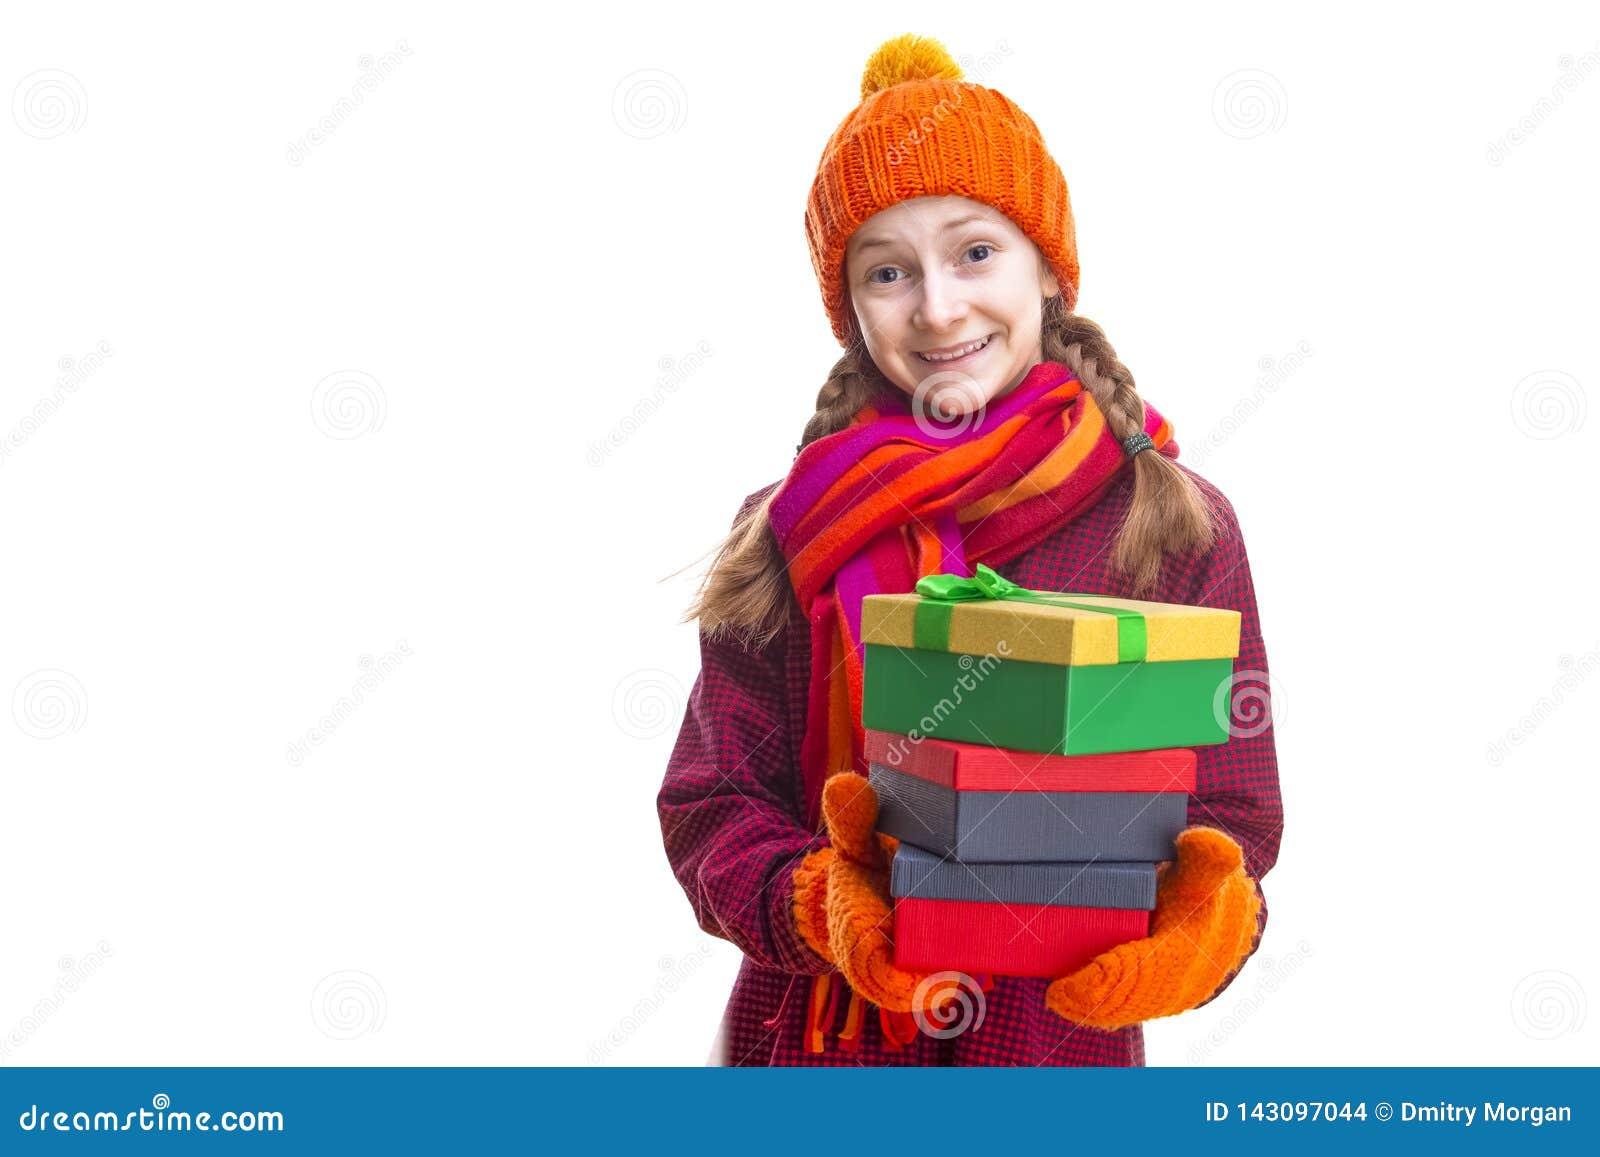 Χαμογελώντας ευτυχές καυκάσιο μικρό κορίτσι σε πορτοκαλιά Beanie, το μαντίλι και τα γάντια με το σωρό ζωηρόχρωμου Giftboxes